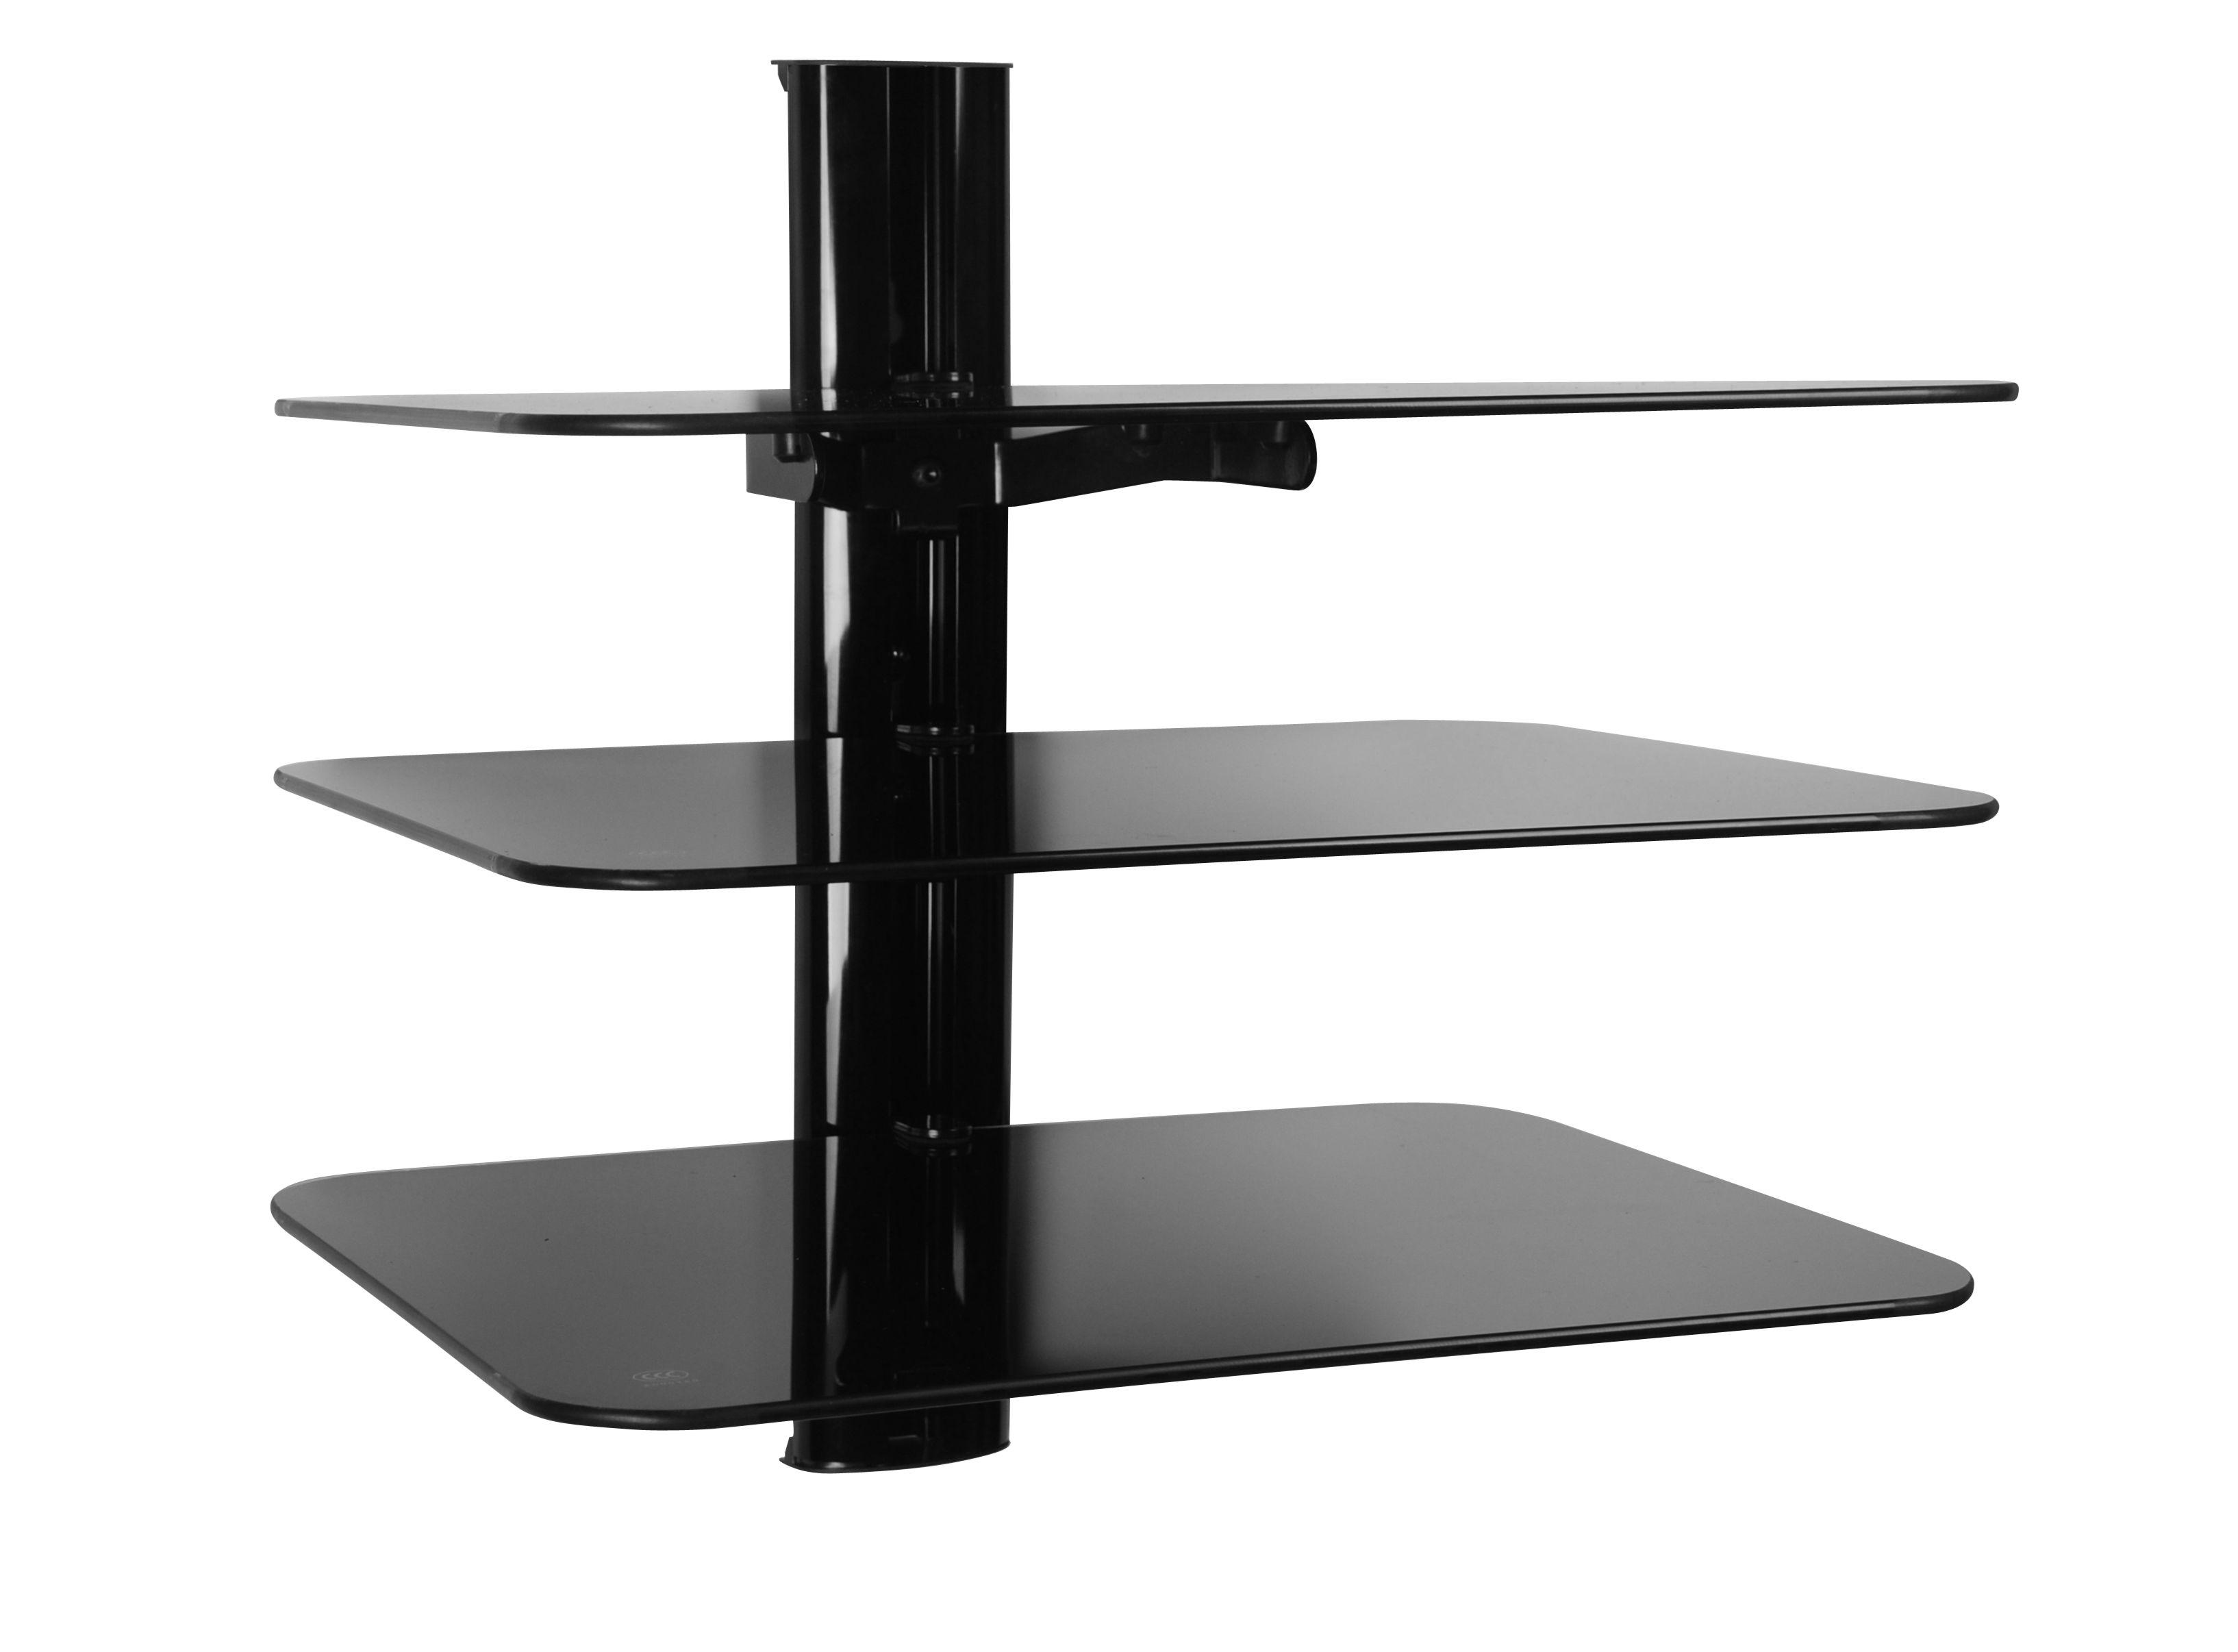 Triple Glass Av Shelving System Regarding Floating Black Glass Shelf (View 4 of 12)